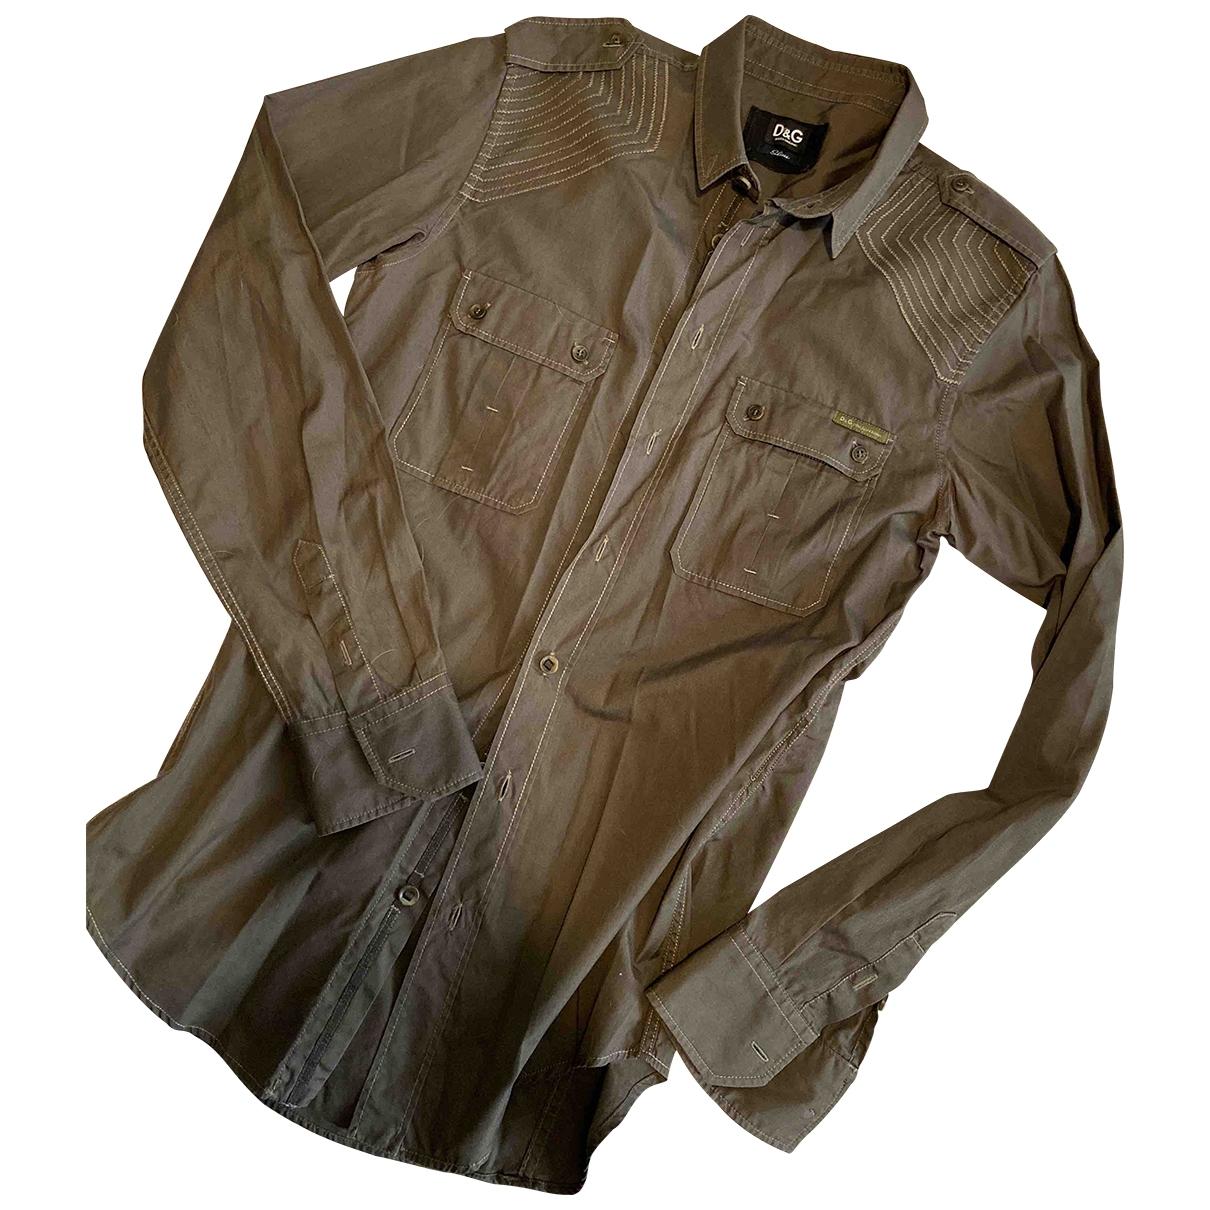 D&g \N Hemden in  Gruen Baumwolle